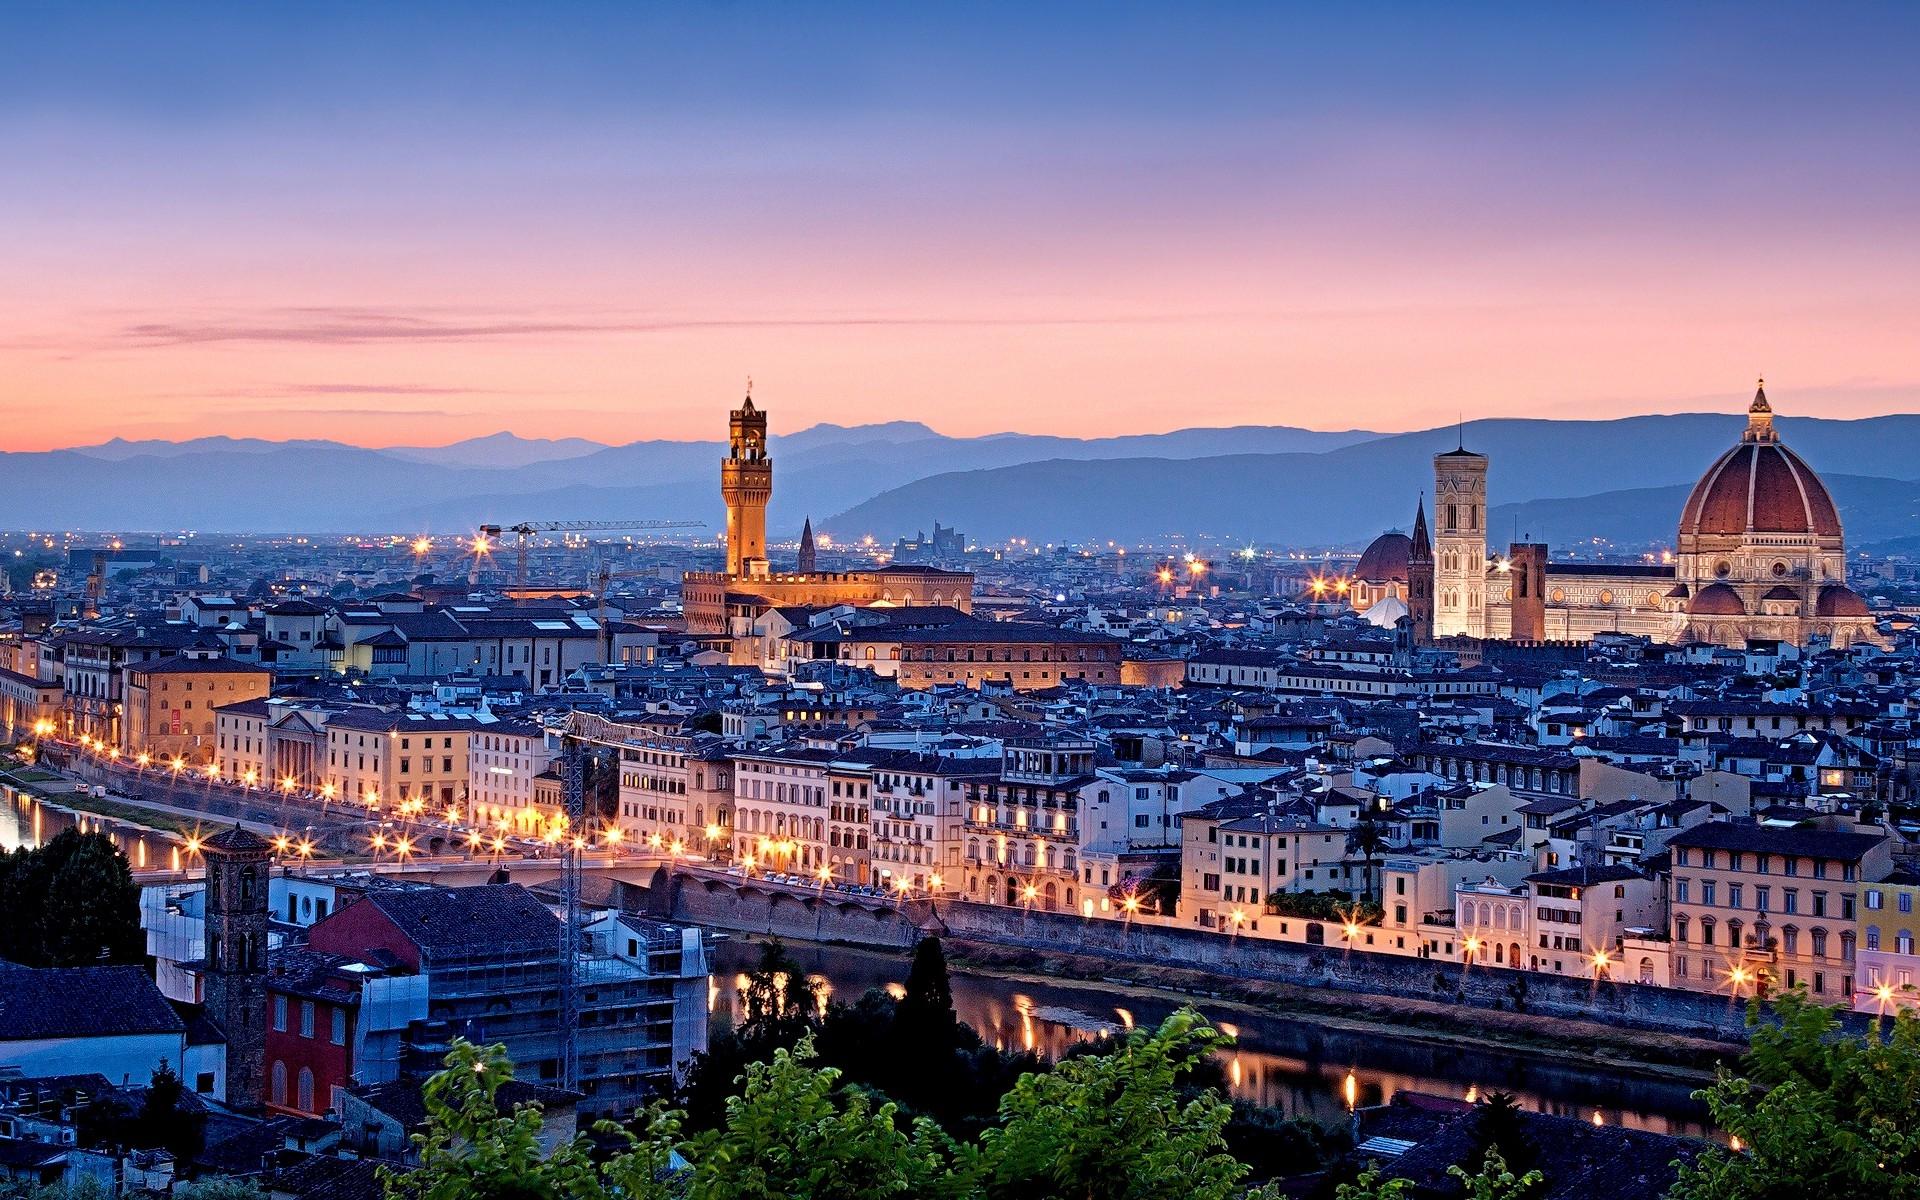 Matrimonio da 6 mln di euro a Firenze